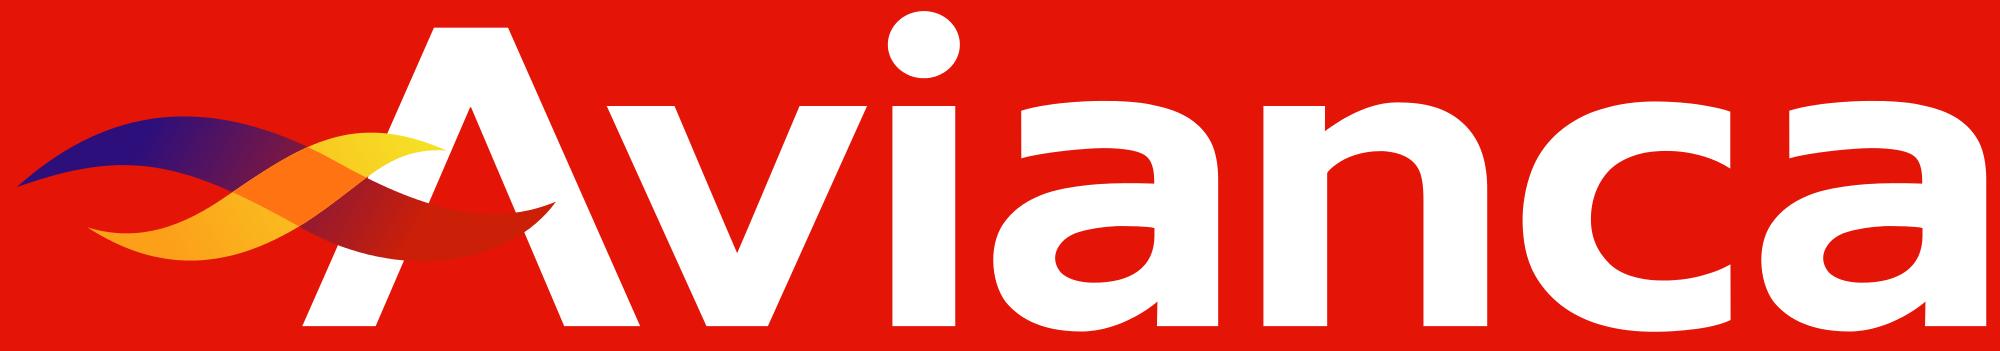 Open PlusPng.com  - Avianca Logo Eps PNG